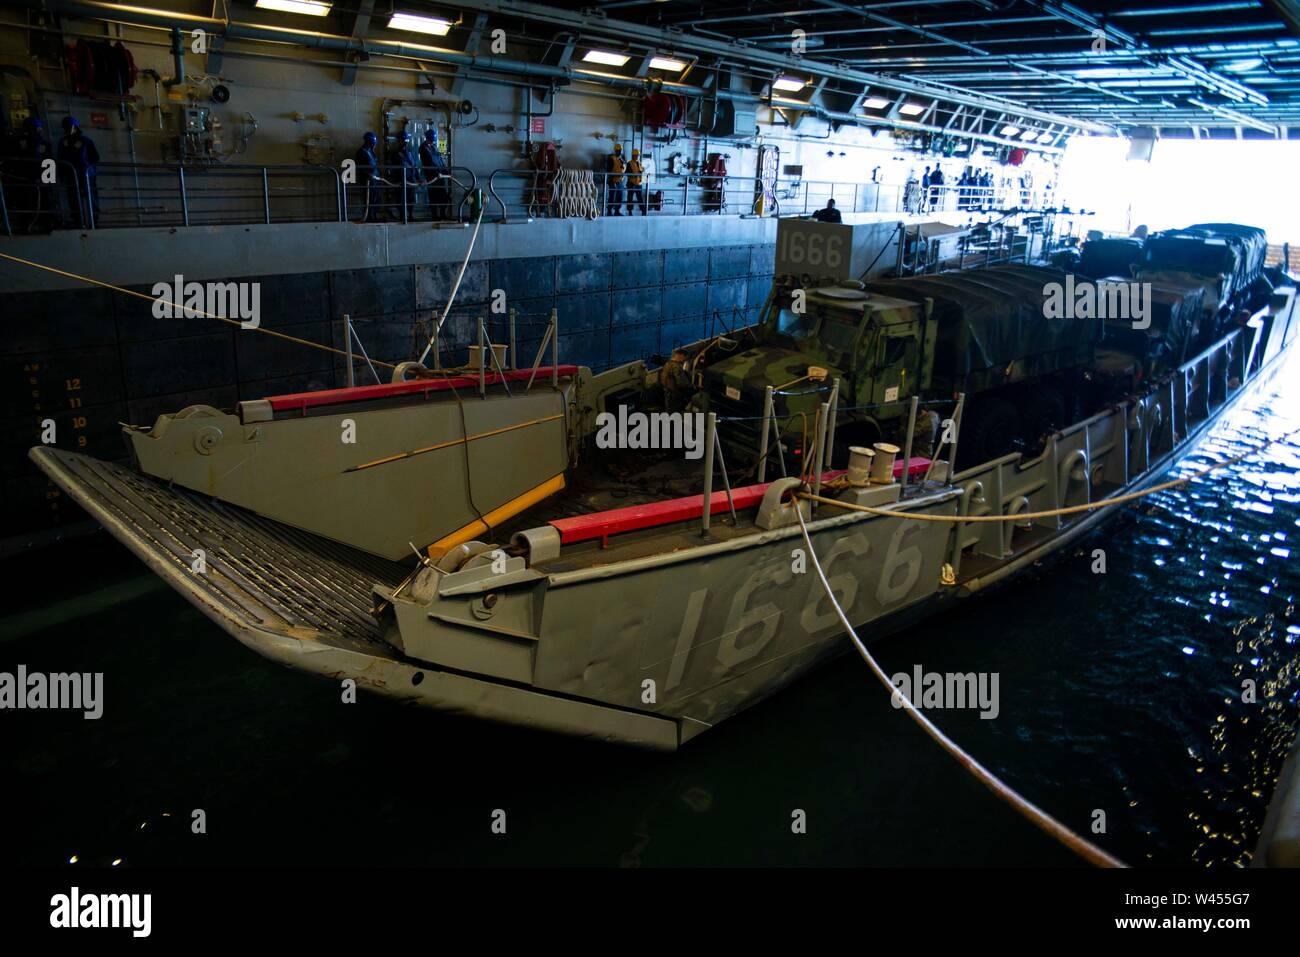 190719-N-DX072-1093 STANAGE Bay, Australia (19 de julio de 2019) Landing Craft, utilidad (LCU) 1666 entra en la cubierta del buque anfibio de transporte dock USS Green Bay (LPD 20). Green Bay, parte del Grupo de ataque expedicionario Wasp, iniciado con la 31ª Unidad Expedicionaria de la Marina, está participando actualmente en Talisman Sabre 2019 frente a las costas del norte de Australia. A nivel bilateral, evento bienal, Talisman Sabre está diseñado para mejorar el entrenamiento de combate de EE.UU. y Australia, la disponibilidad y la interoperabilidad a través de realistas, la capacitación pertinente necesaria para mantener la seguridad regional, la paz y la estabilidad. ( Foto de stock